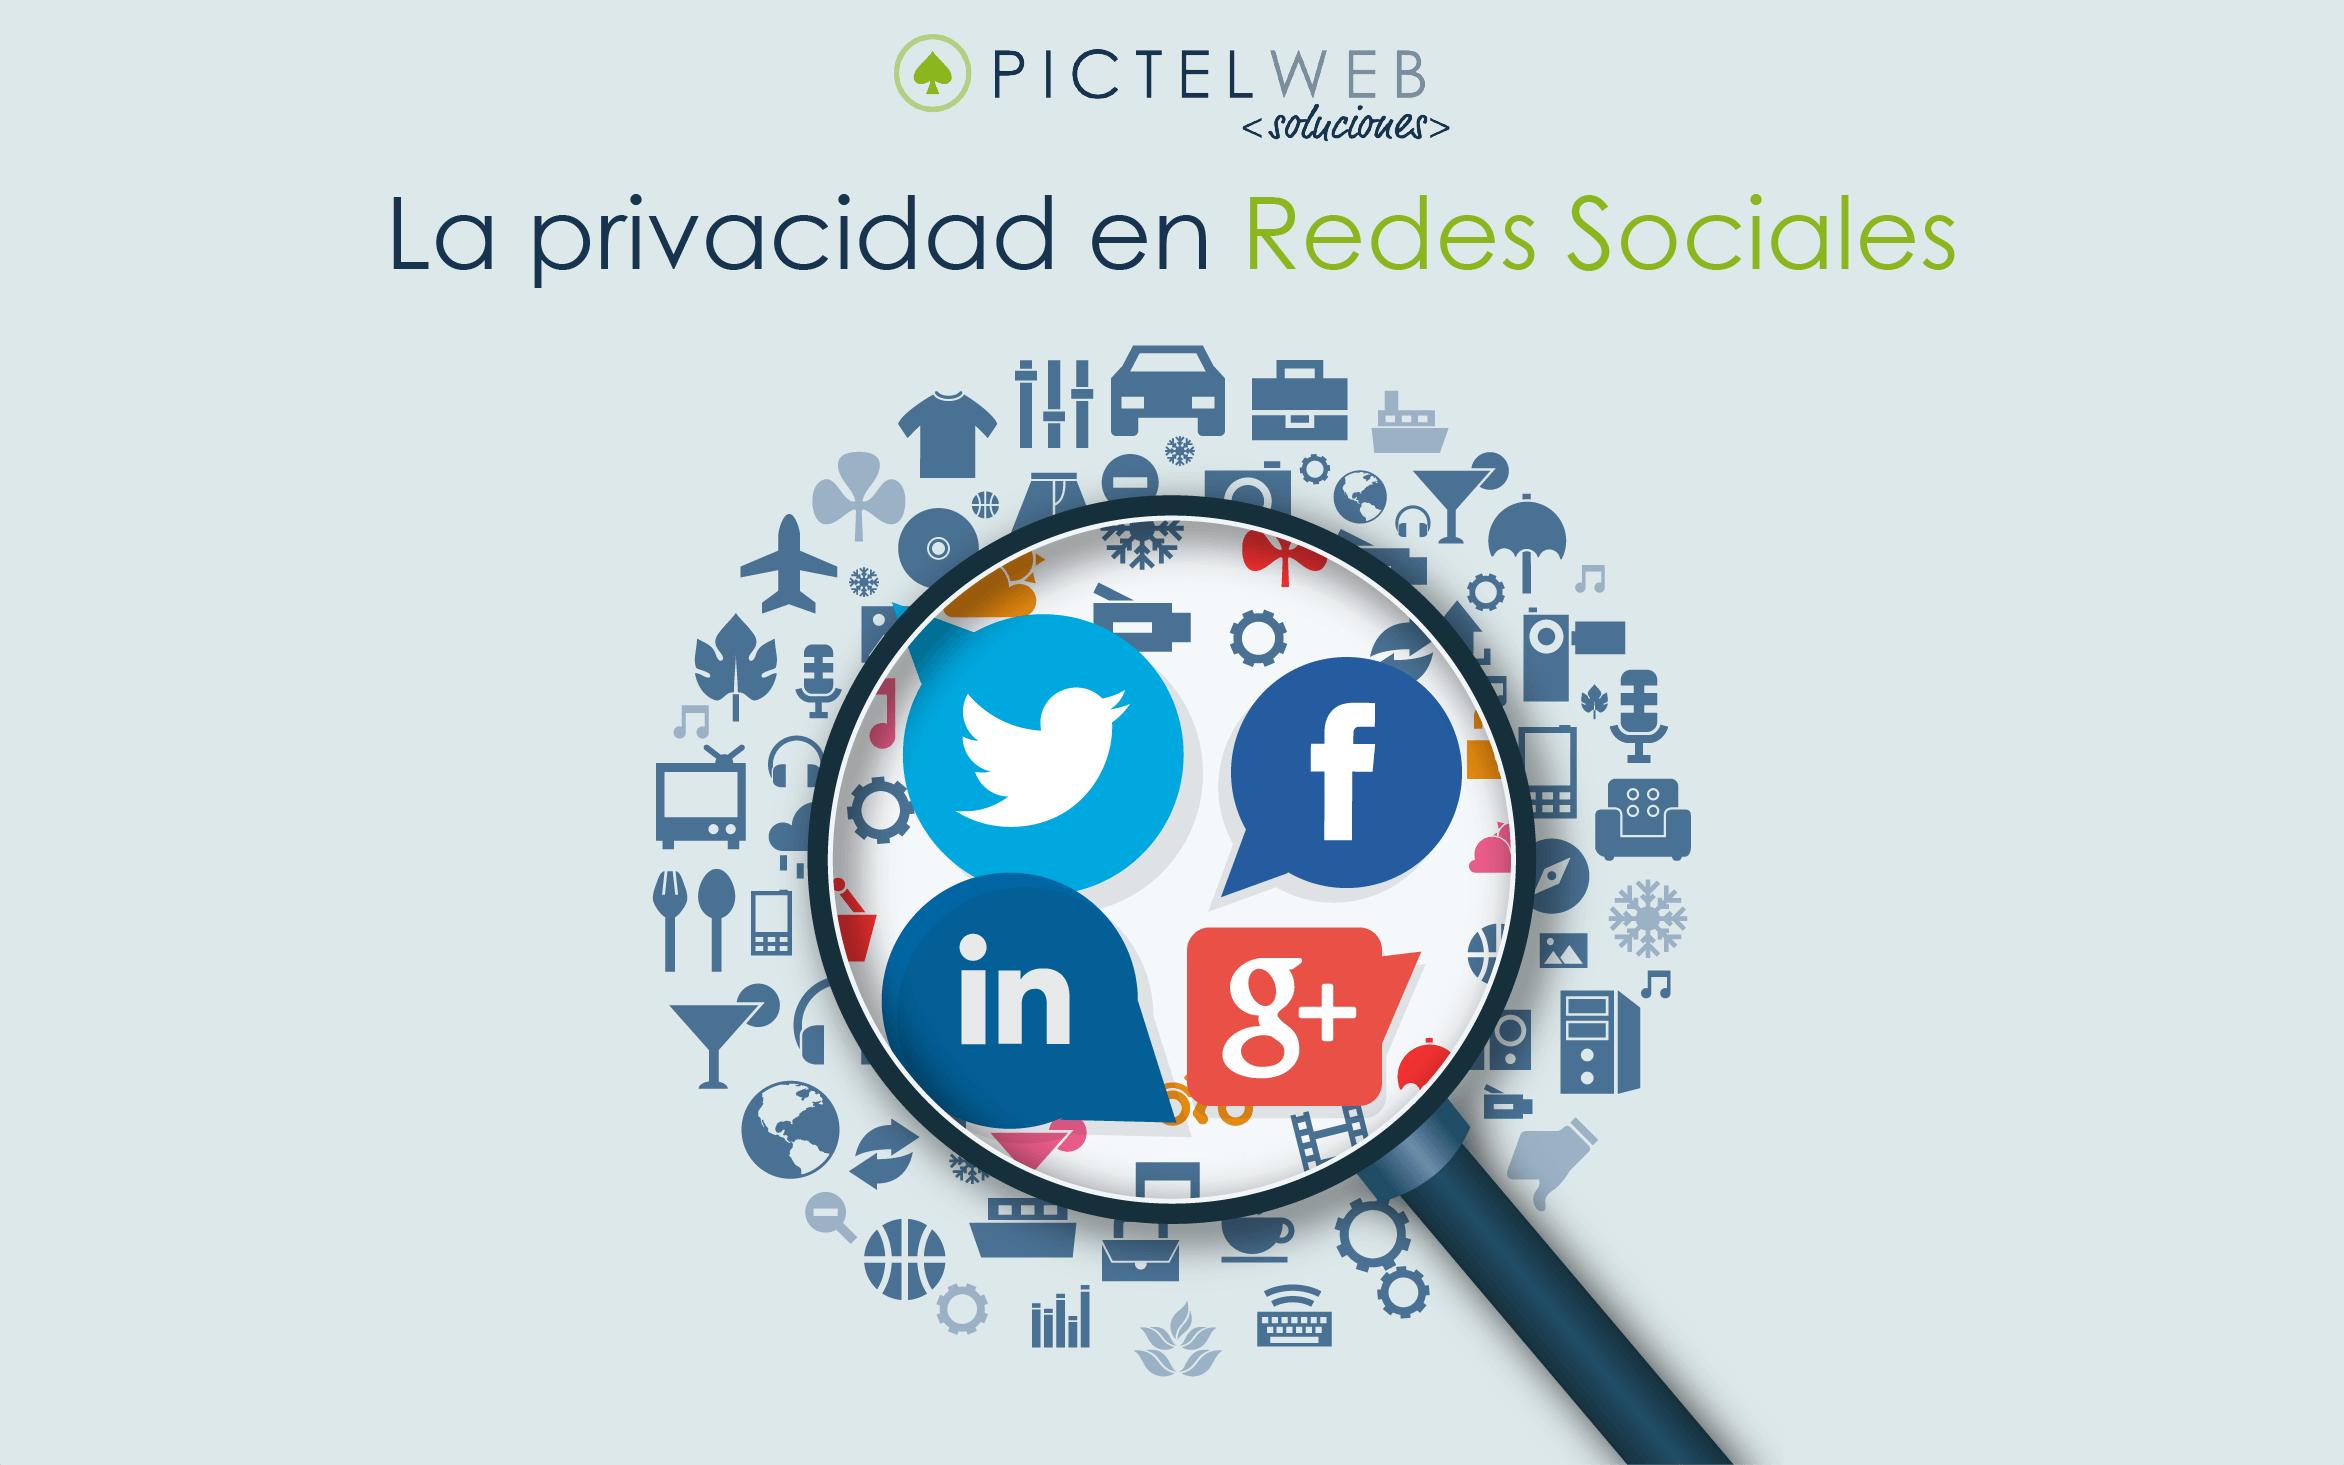 La privacidad en Redes Sociales